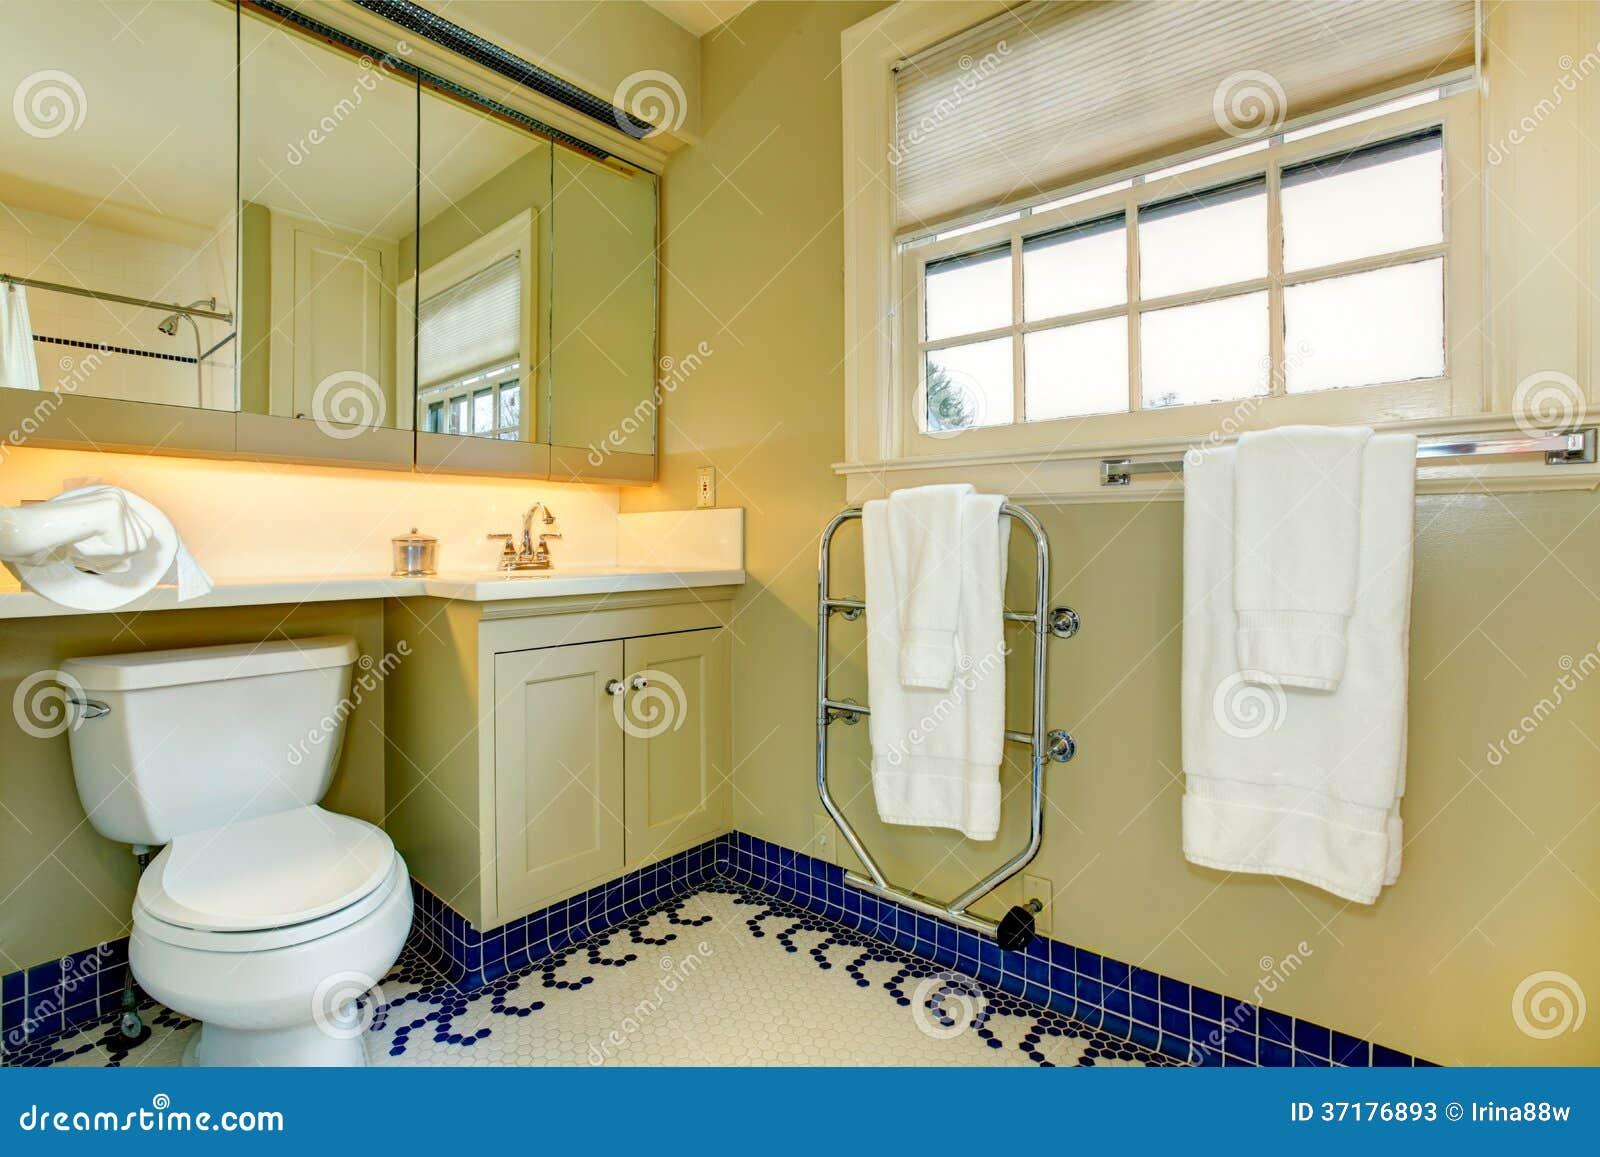 Bagno Giallo Luminoso Con La Pavimentazione In Piastrelle Blu Fotografie Stock - Immagine: 37176893